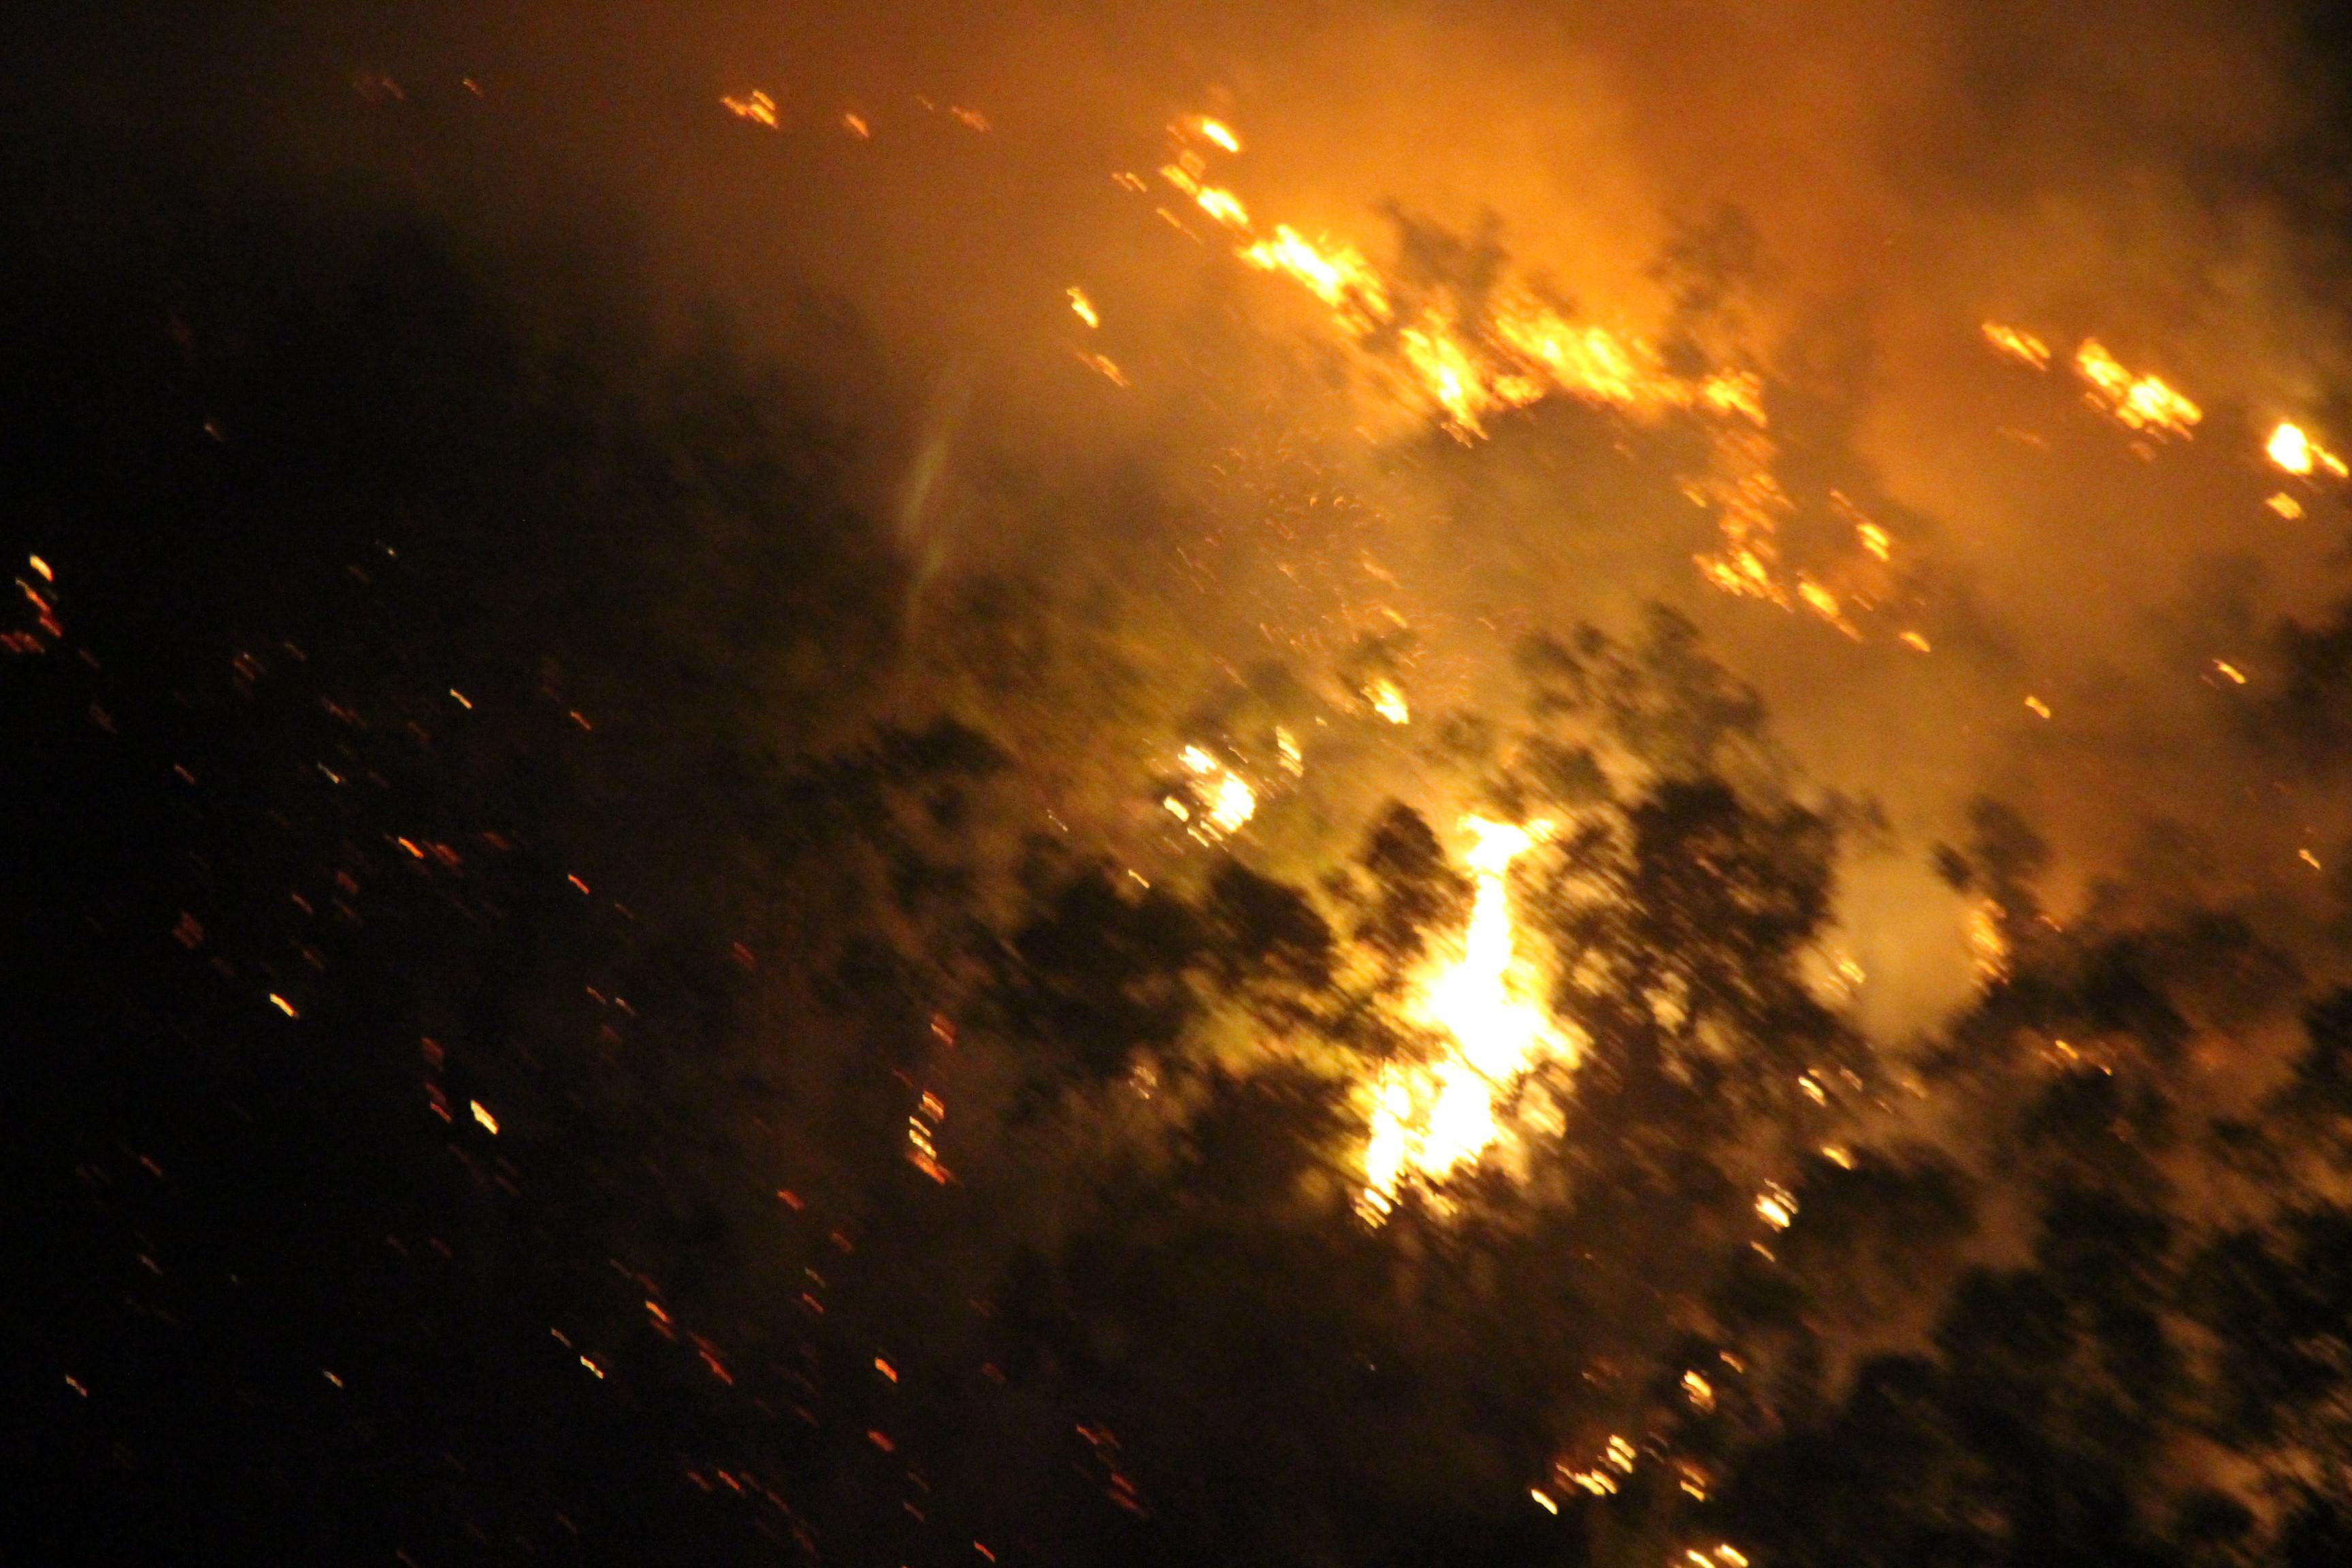 Cháy núi Bà Hỏa giữa đêm, hàng trăm hộ dân Quy Nhơn hoảng loạn Ảnh 1